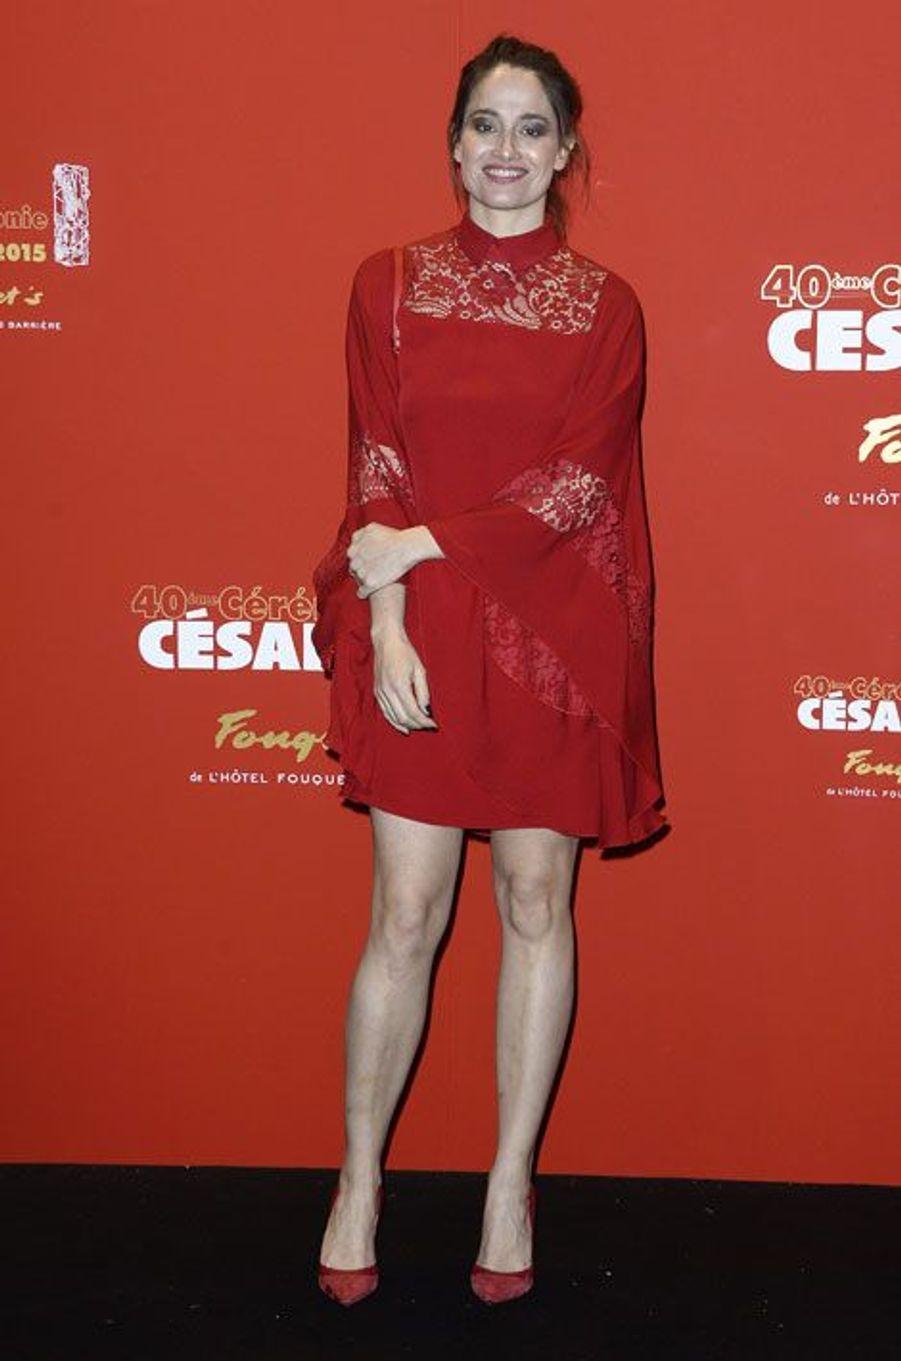 L'actrice Marie Gillain lors de la cérémonie des César à Paris, le 20 février 2015